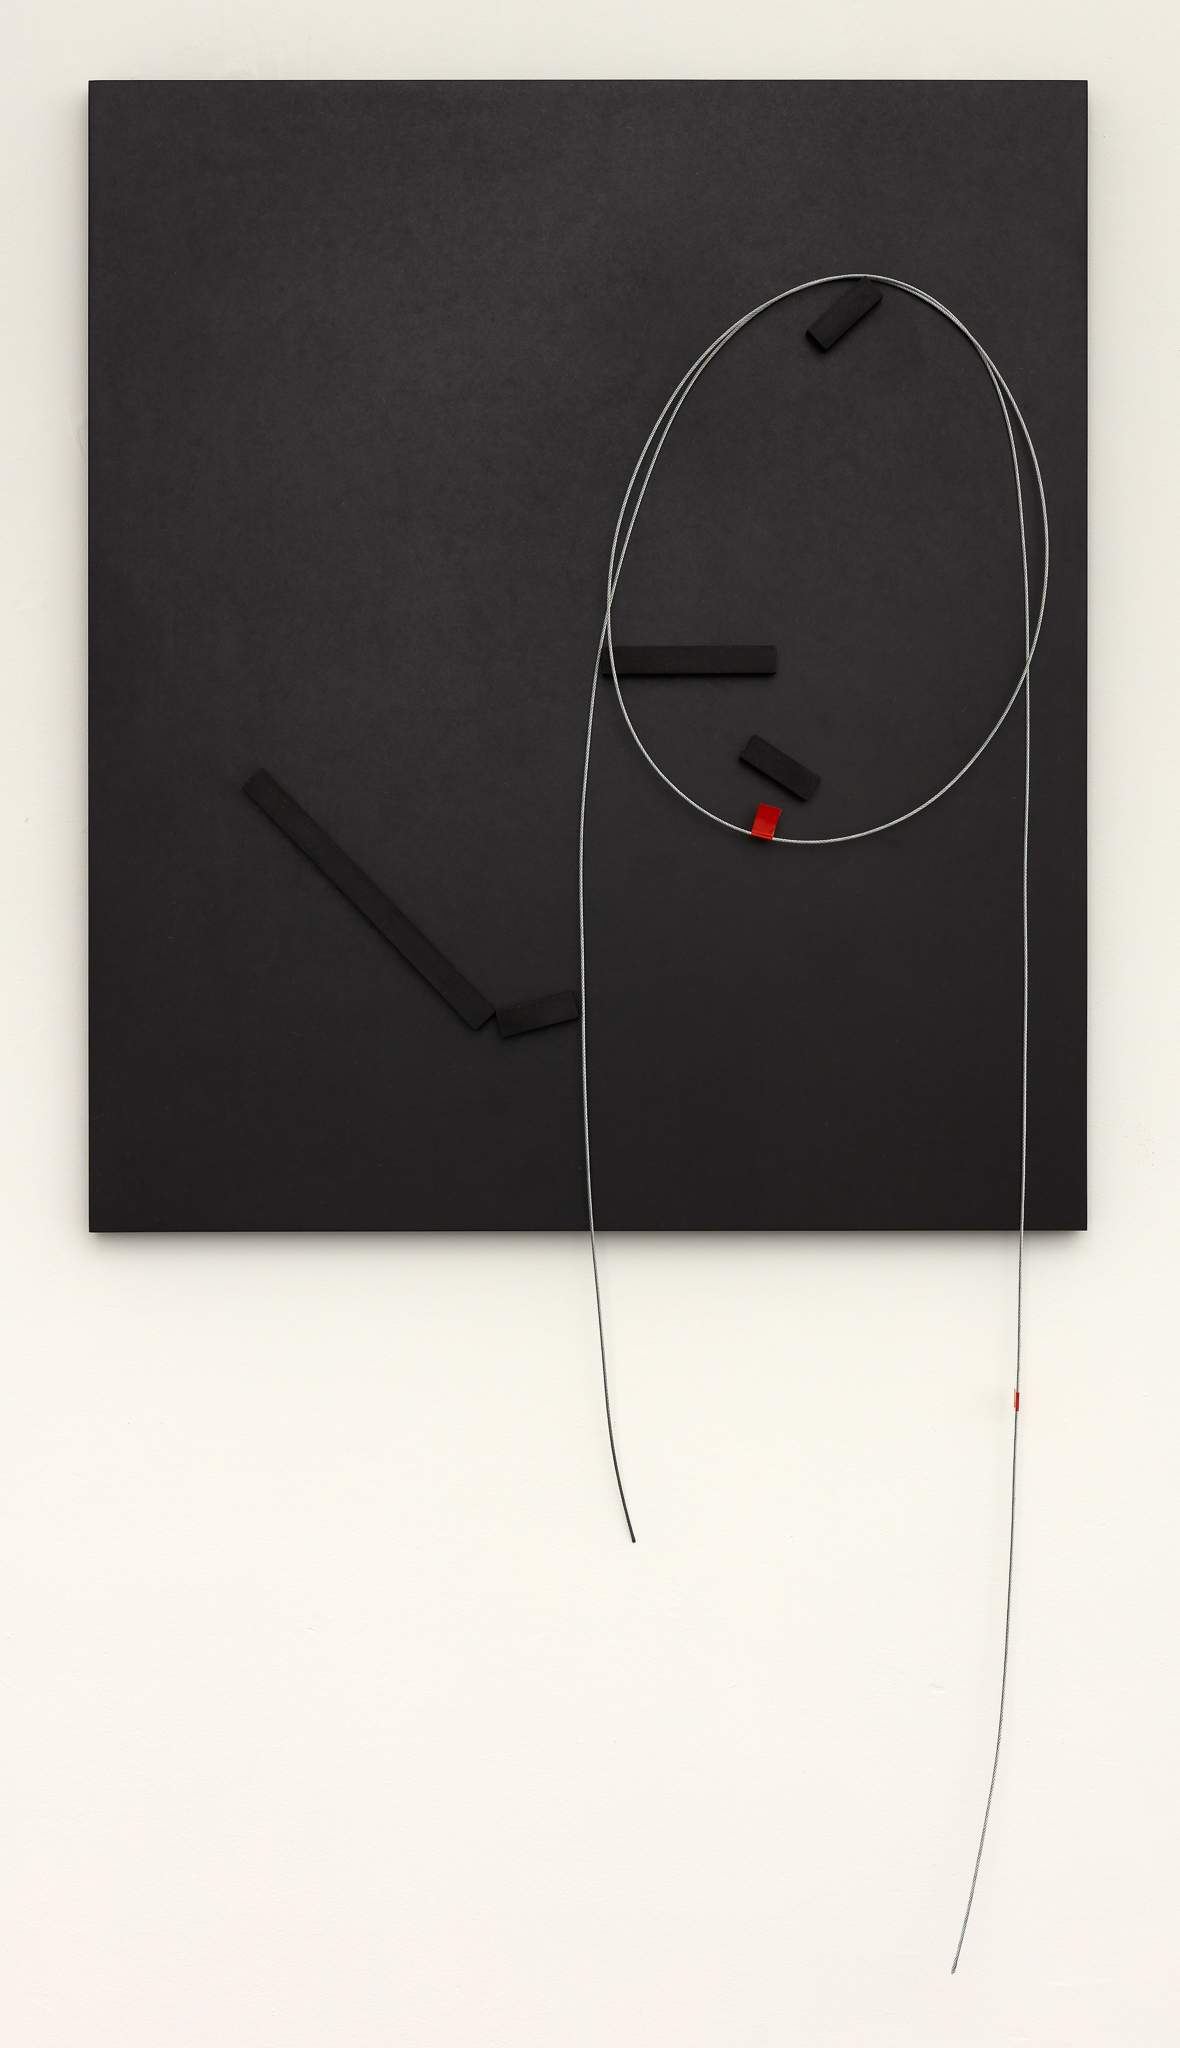 Wesley Meuris - Reformulate, 2020